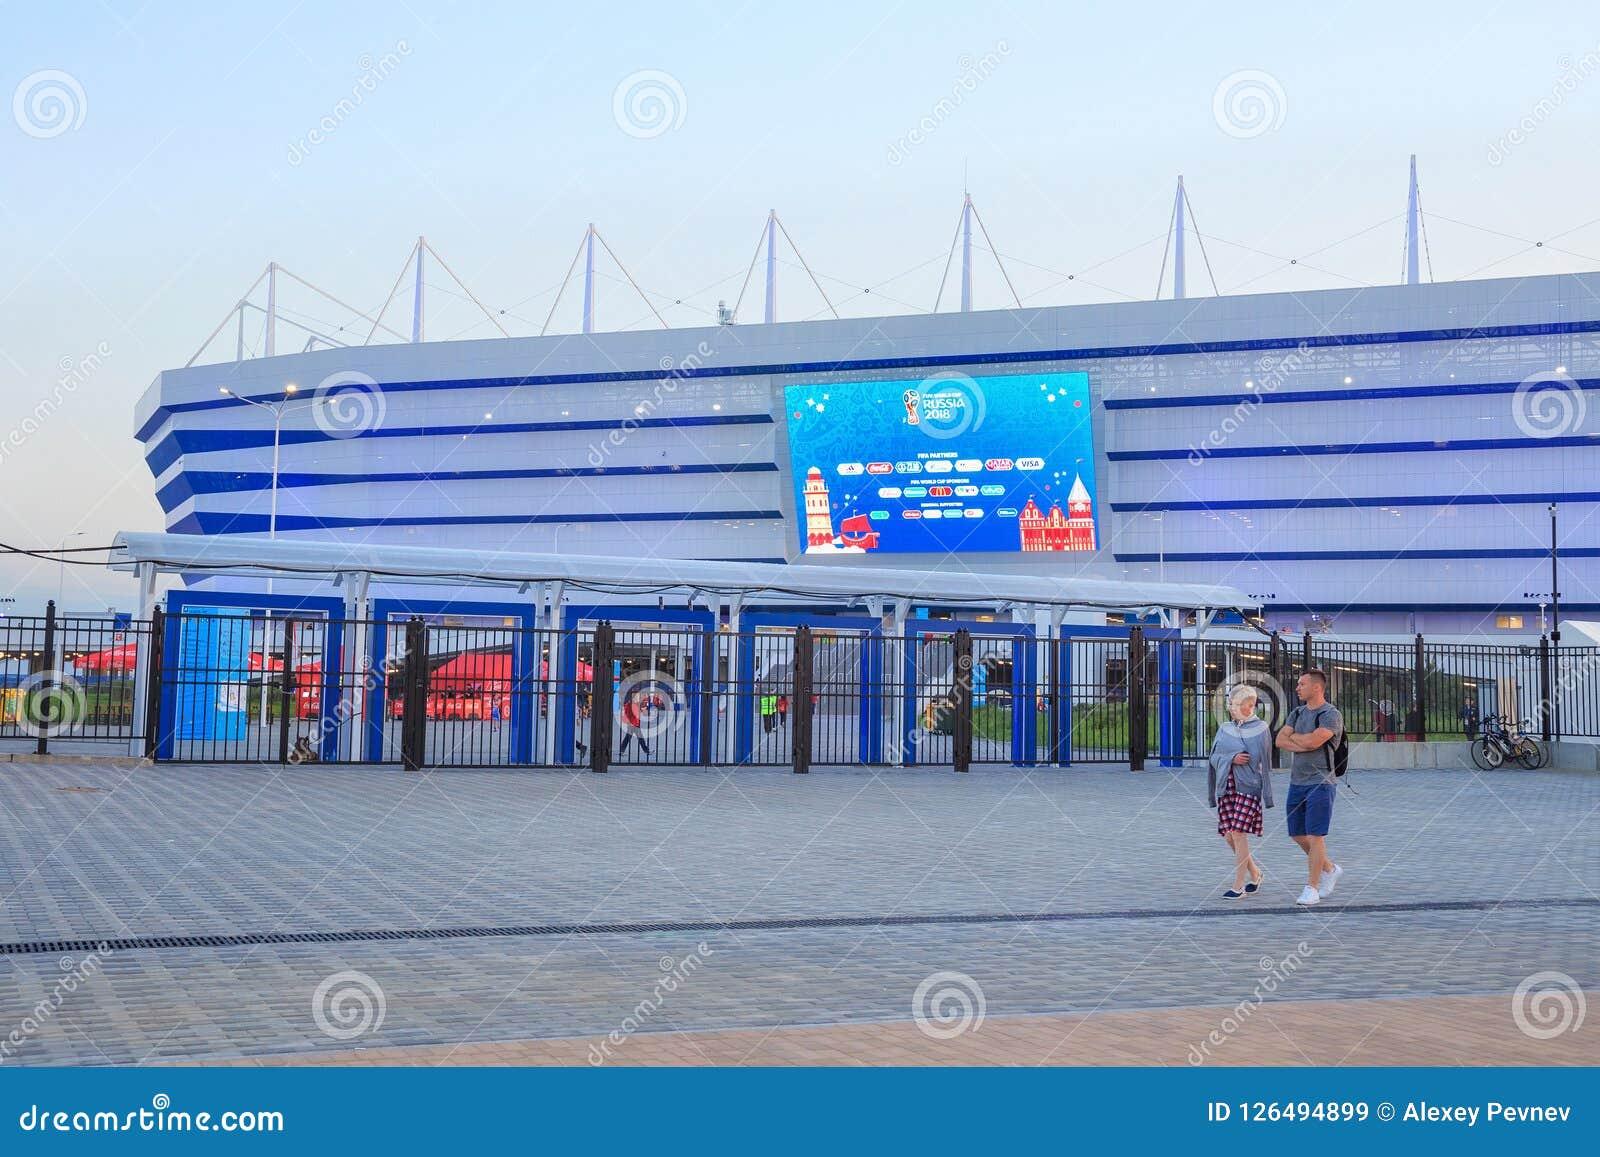 КАЛИНИНГРАД, РОССИЯ - 16-ОЕ ИЮНЯ 2018: Взгляд современной арены Baltika футбольного стадиона Калининграда